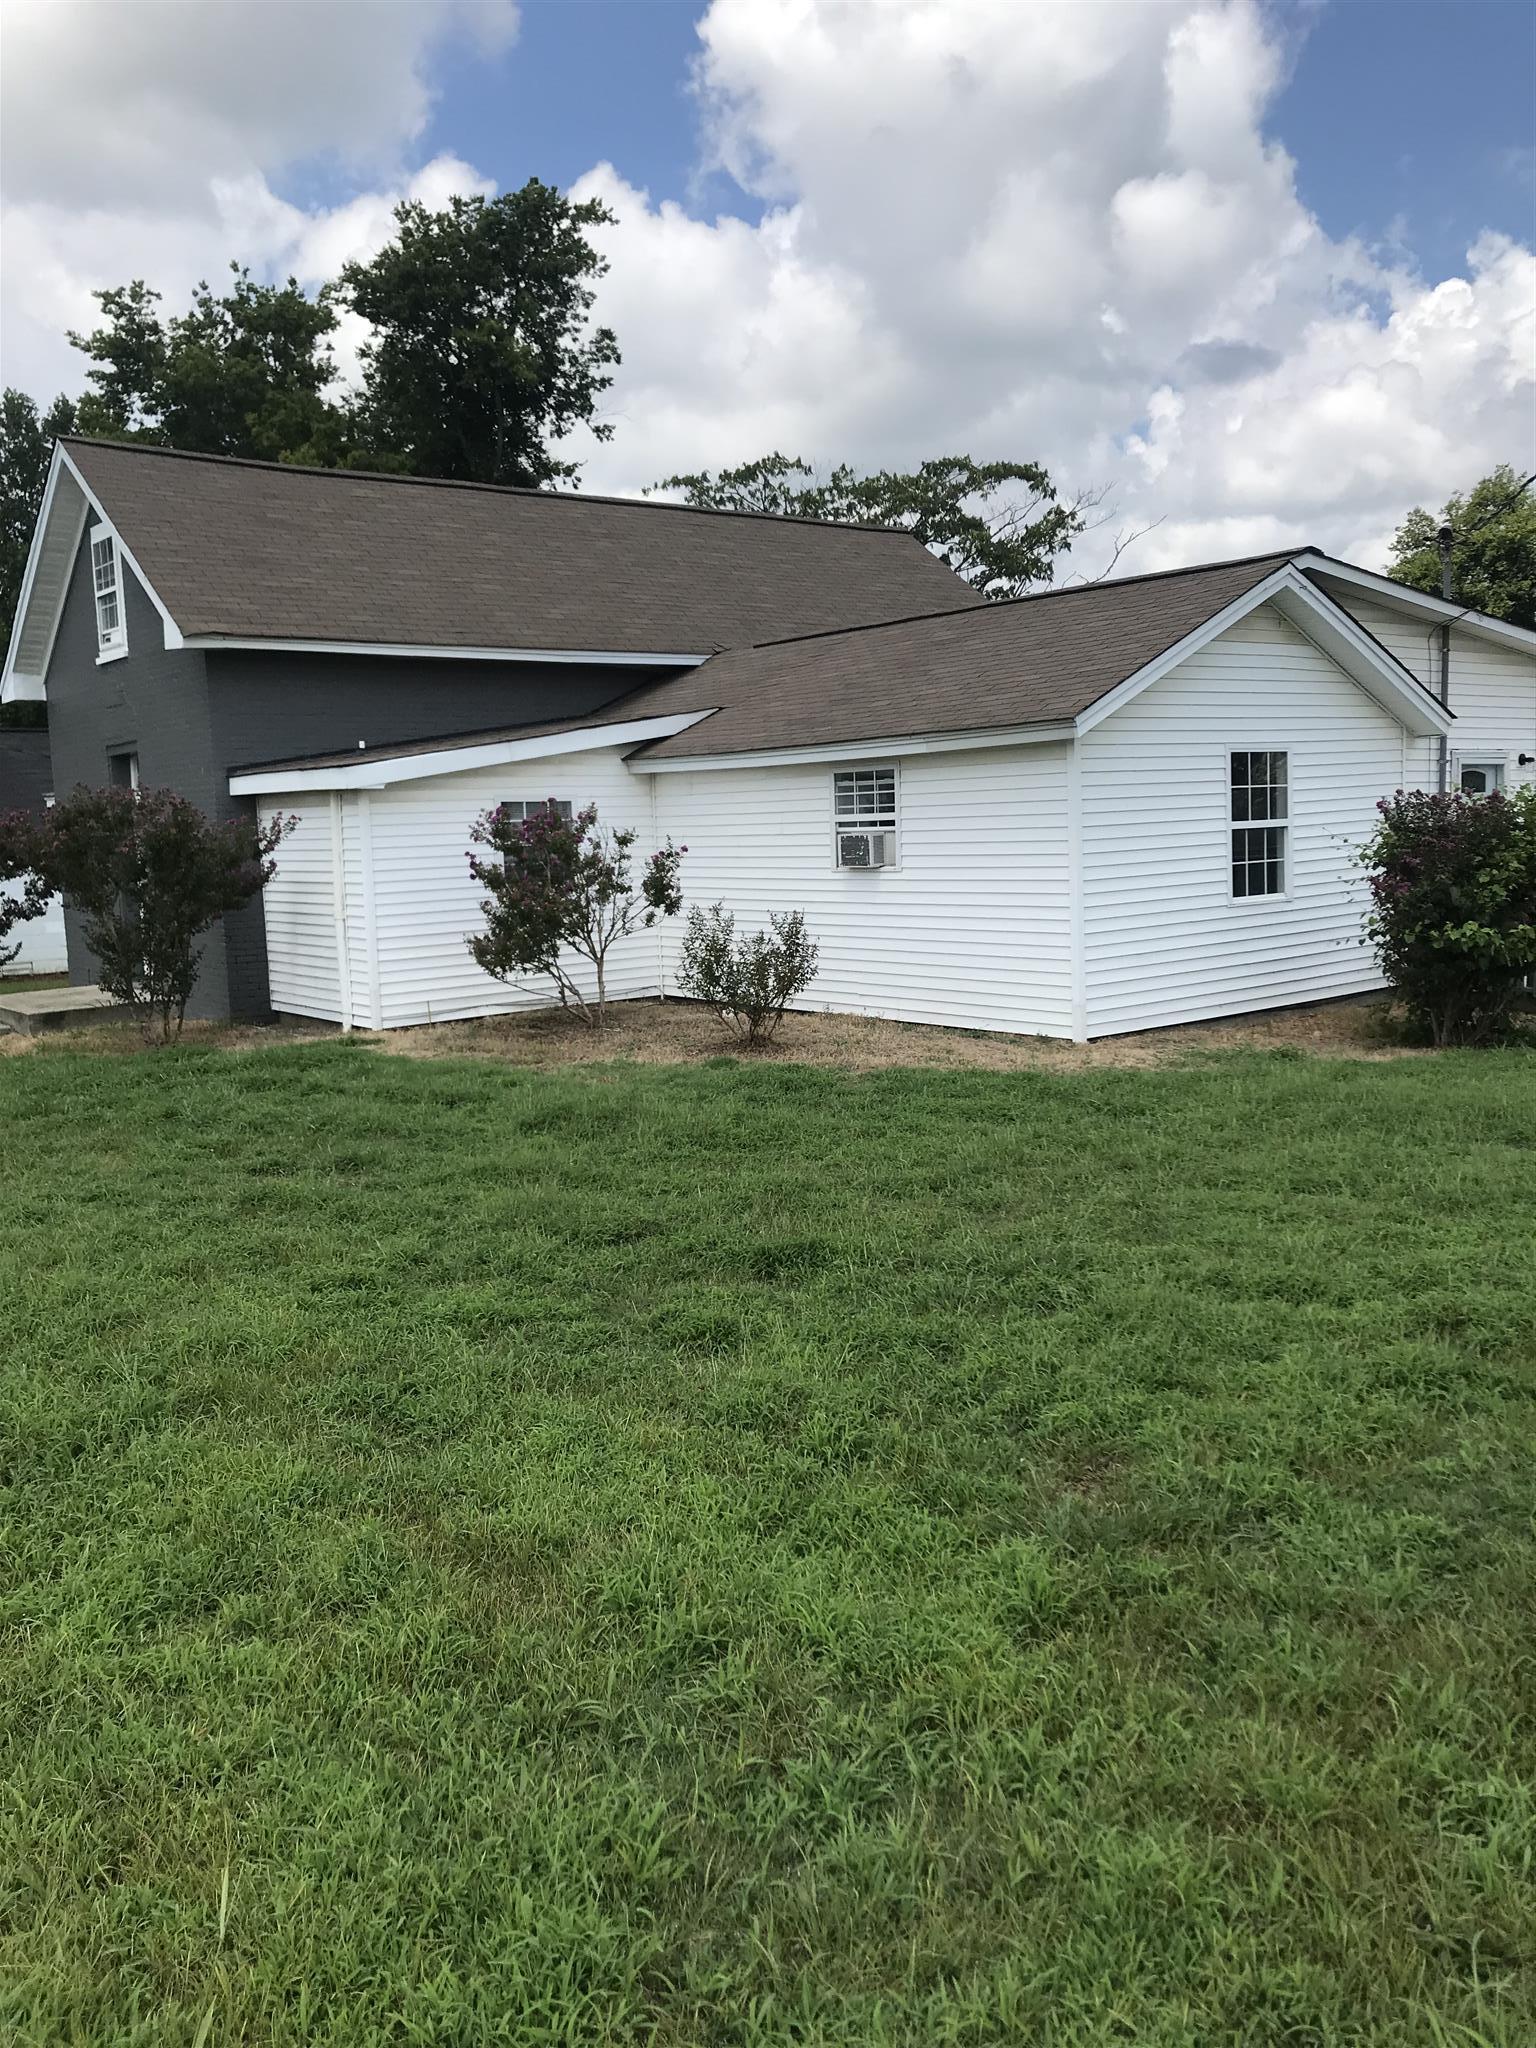 290 E Cemetery St, E, Pulaski, TN 38478 - Pulaski, TN real estate listing